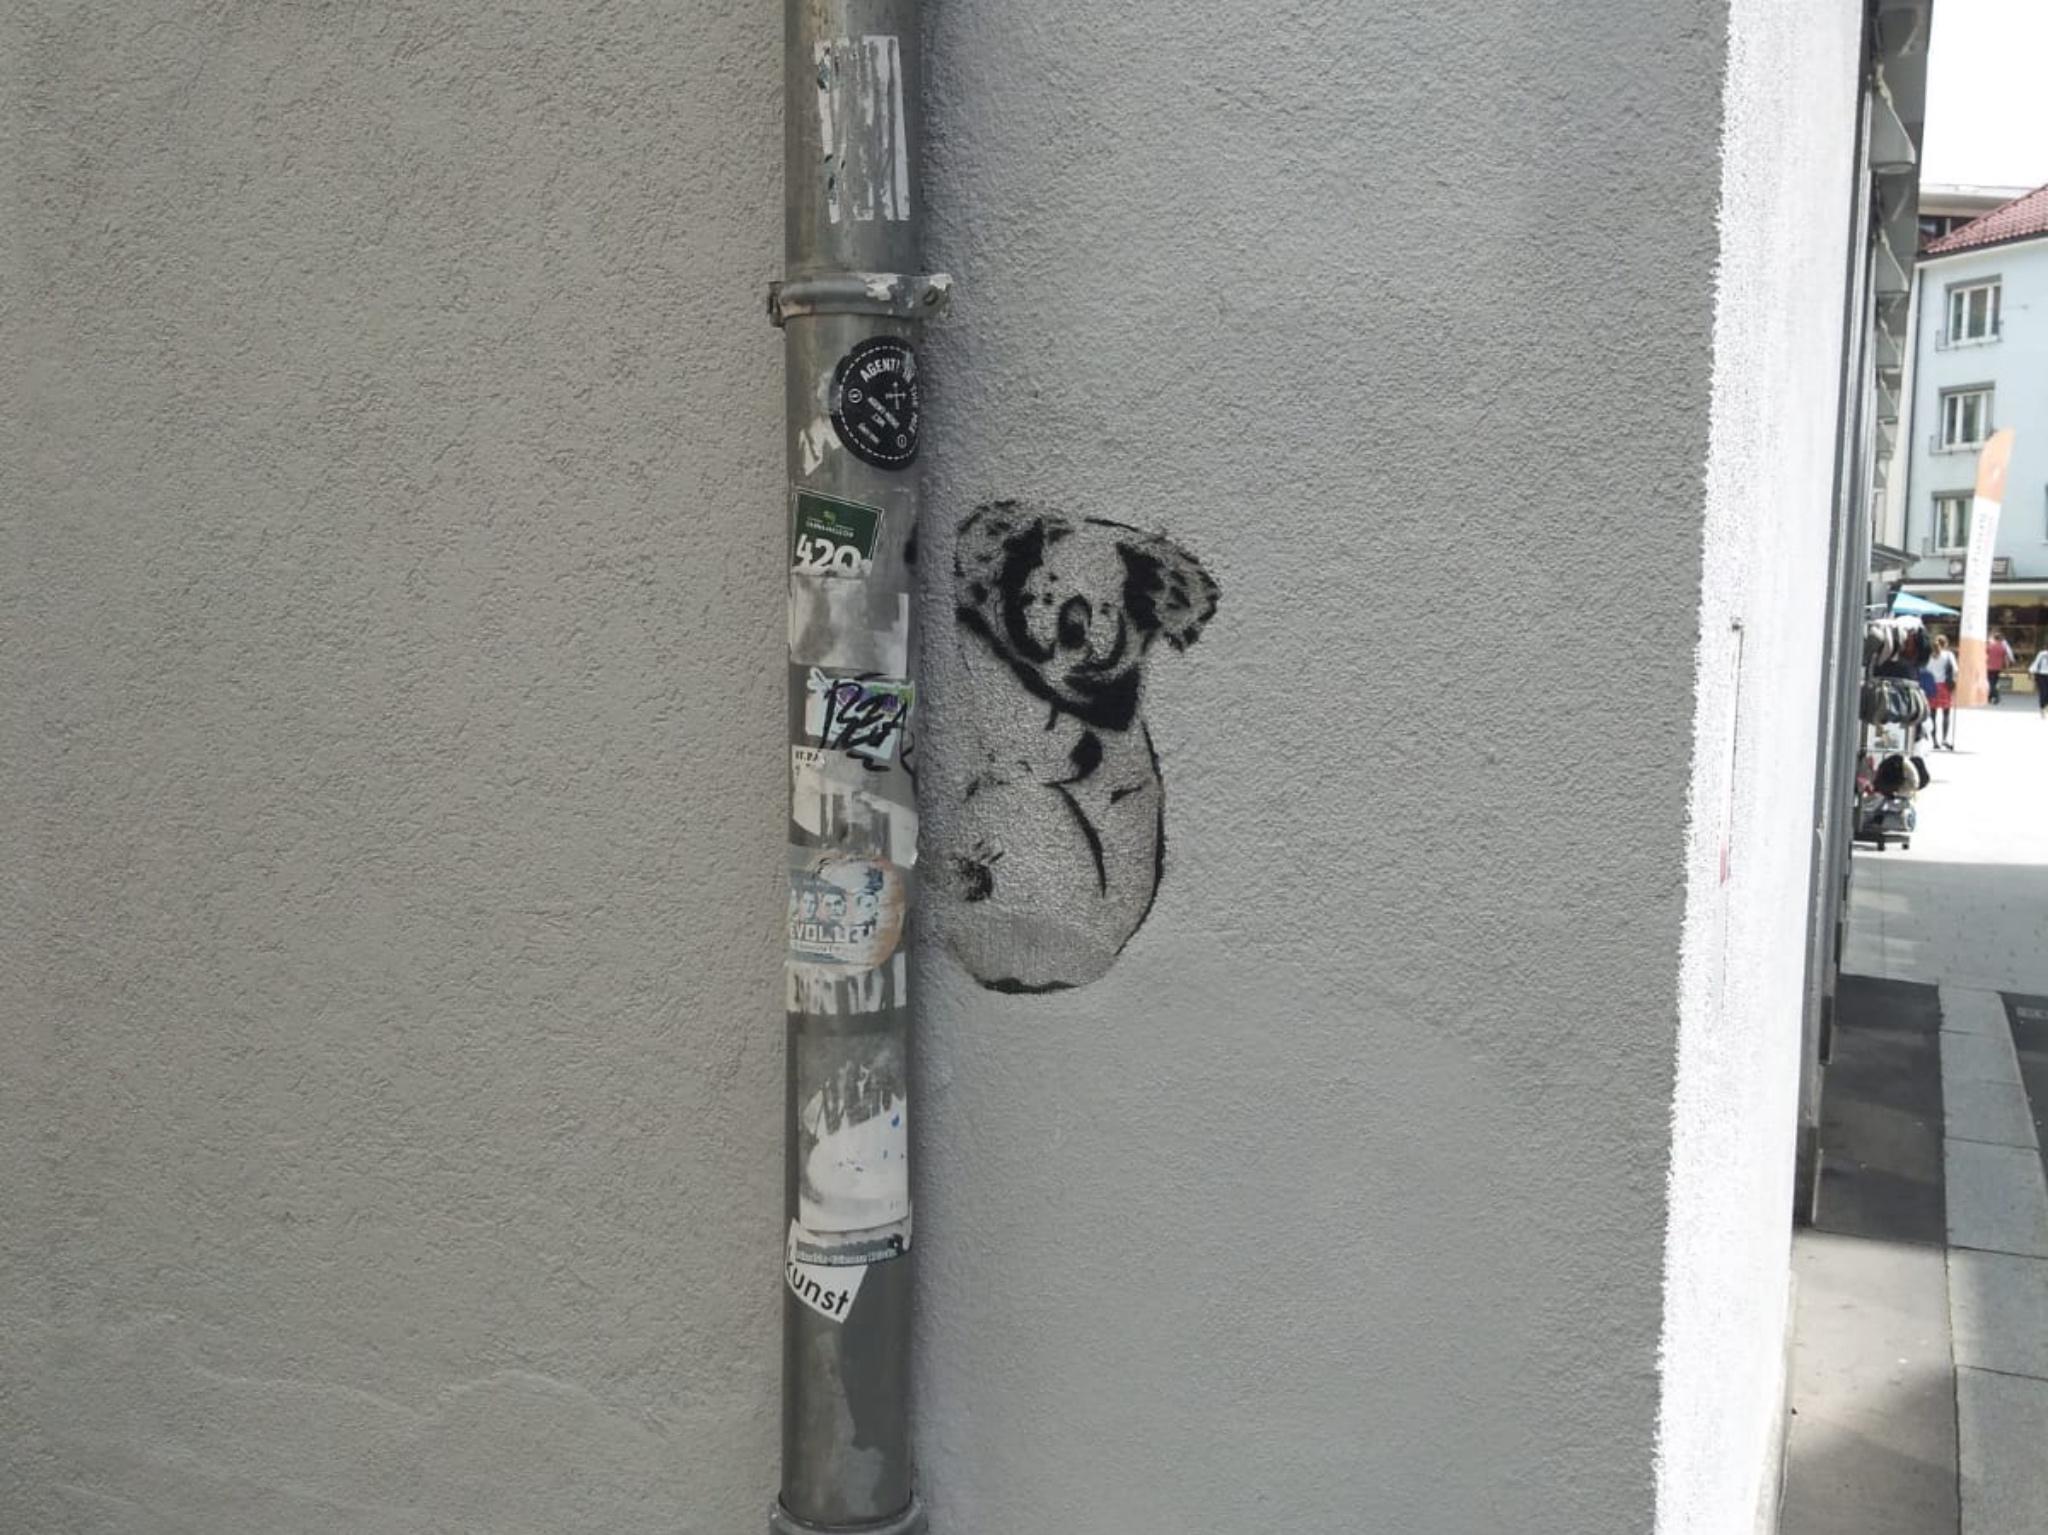 Auch kreativ: ein kleiner Koala hängt an der Regenrinne. Foto: Jessica Hänse